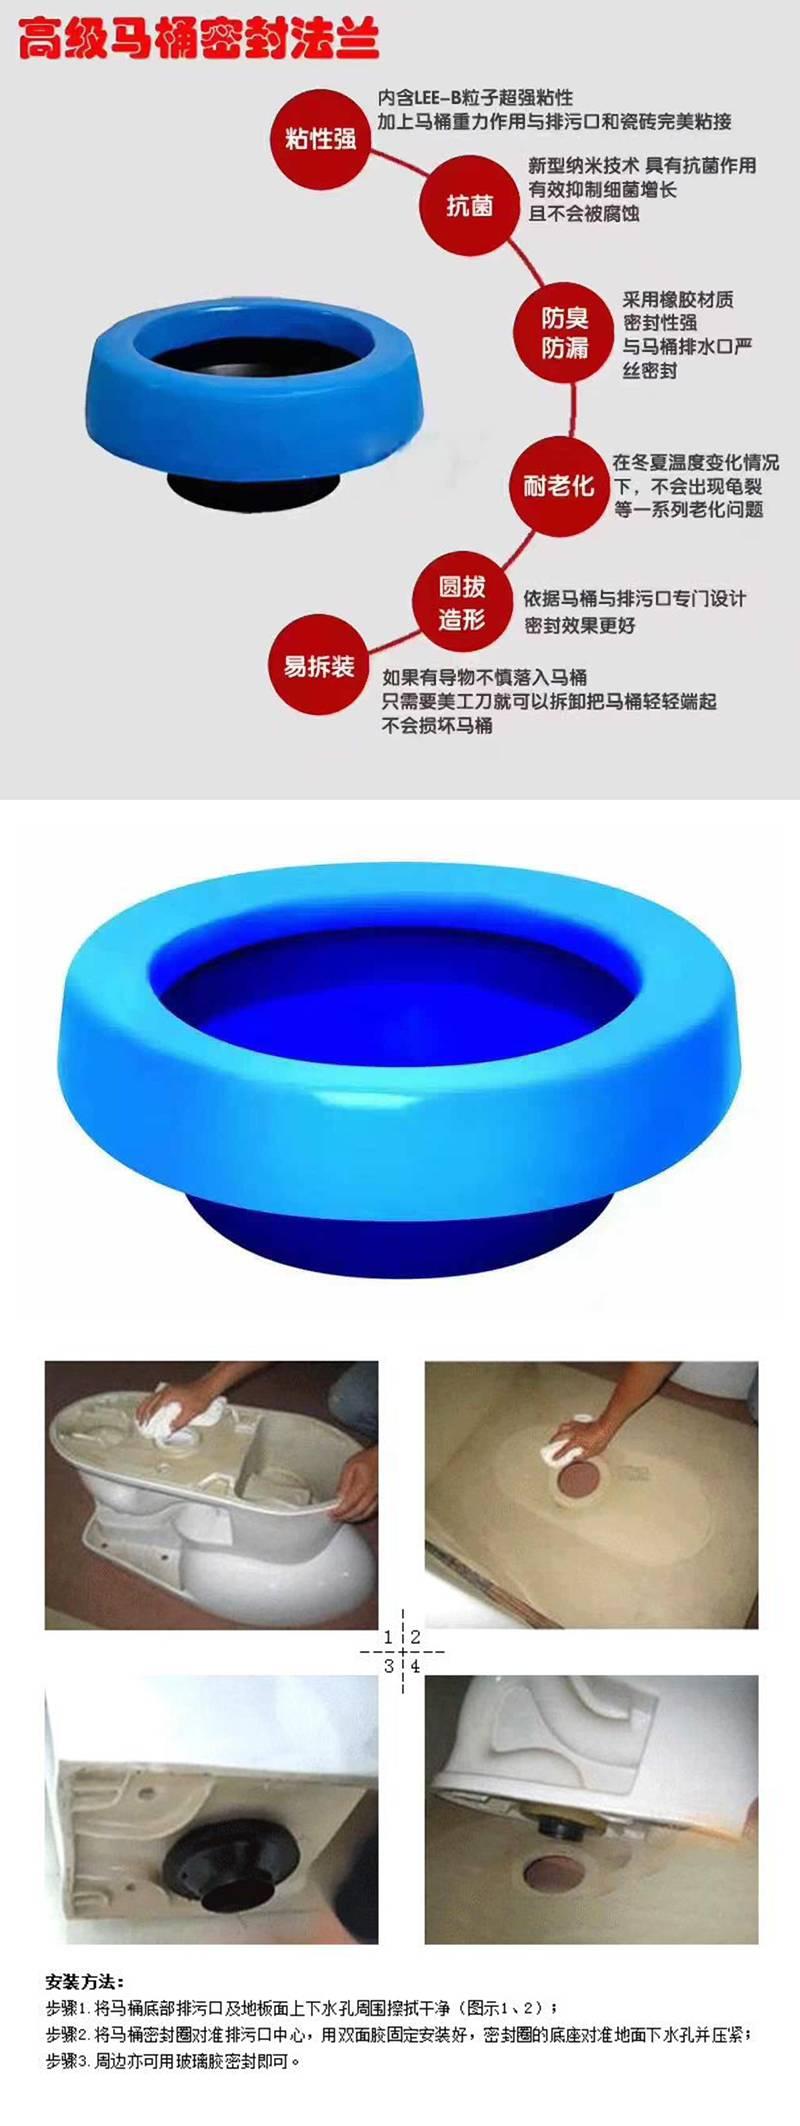 水鹿卫浴-配件-下水排水-马桶密封法兰